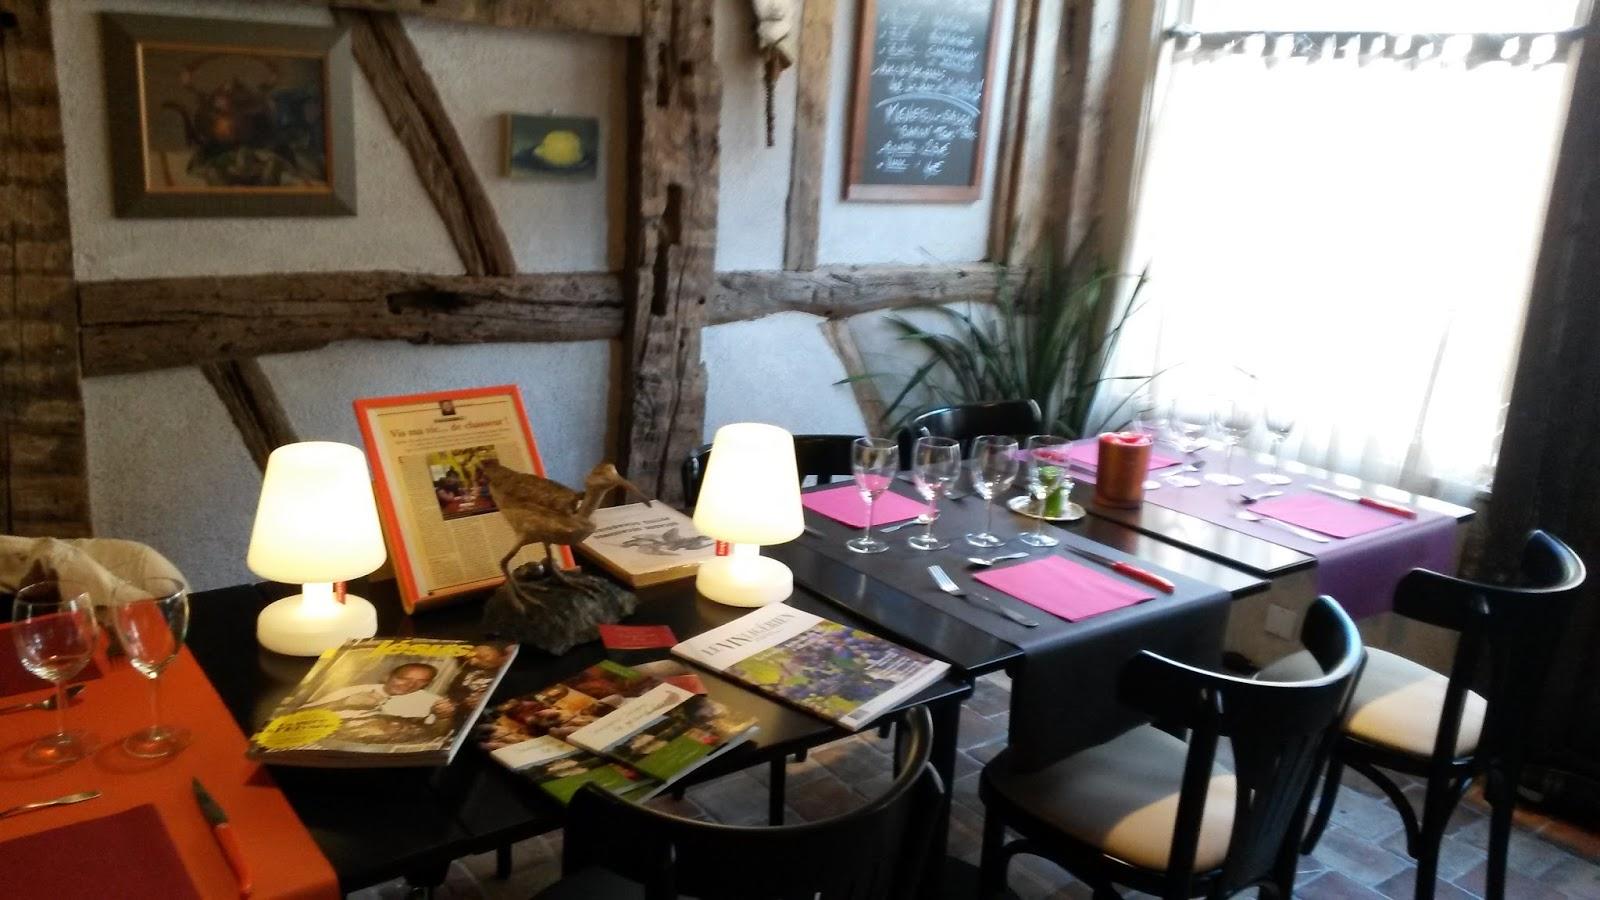 Restaurant Ouvert Dimanche Saint Germain En Laye